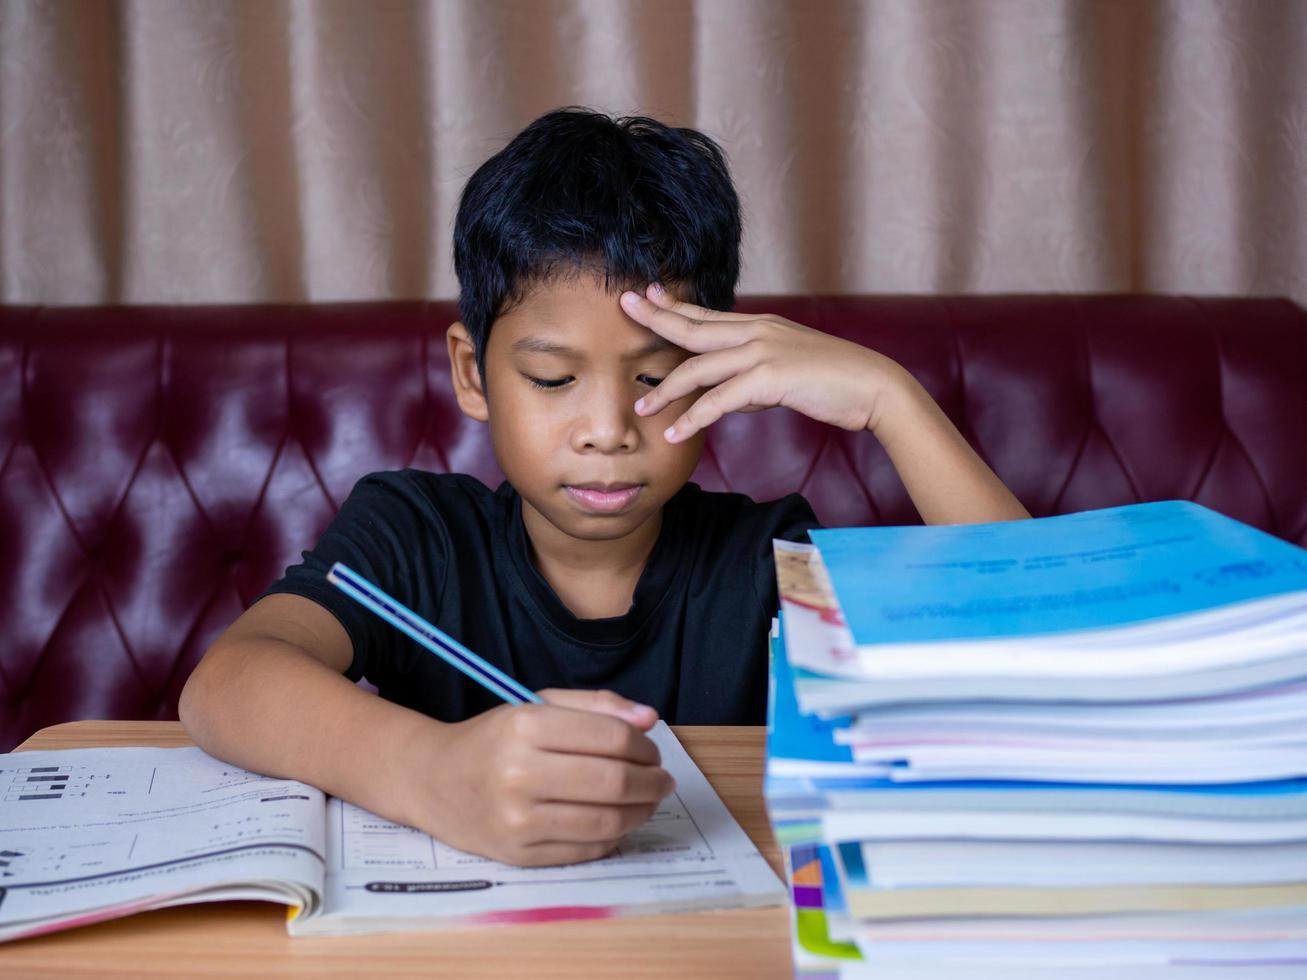 pojke gör läxor och läser på ett träbord med en hög med böcker bredvid bakgrunden är en röd soffa och gräddgardiner. foto